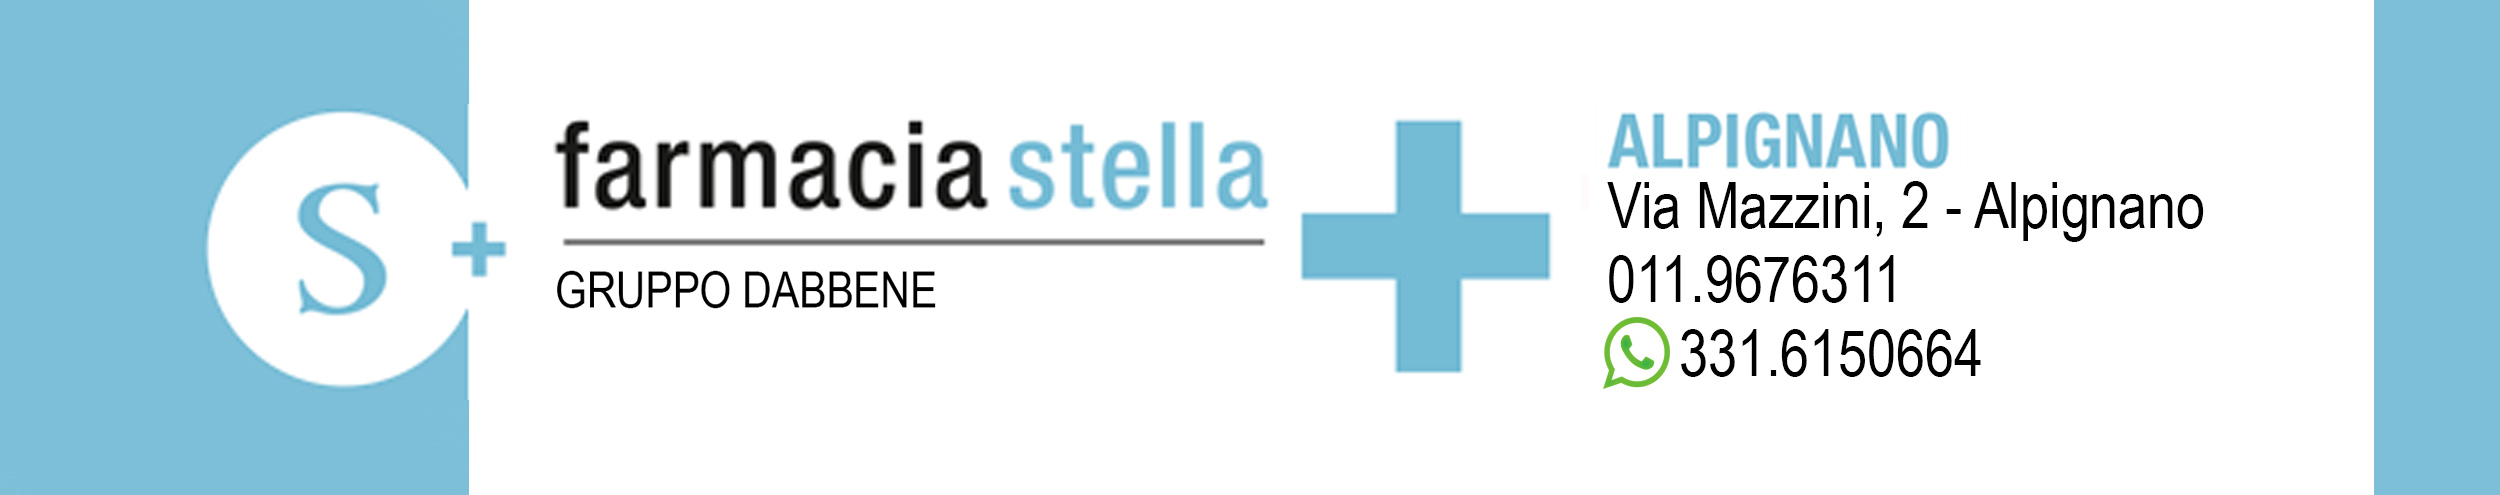 Pharmacie Stella Alpignano